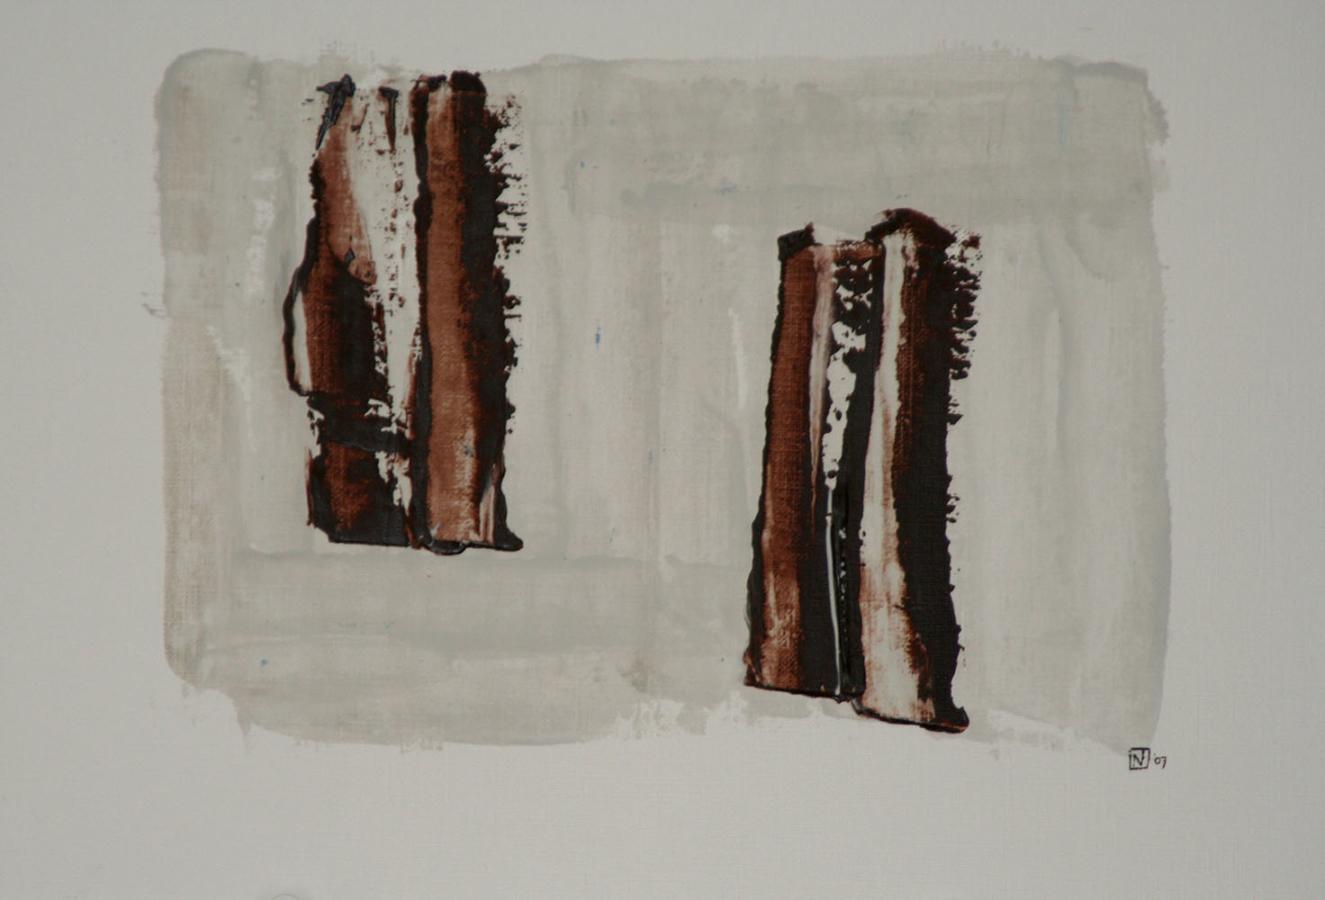 La force des choses 14 Acryl op linnenpapier 33x43cm